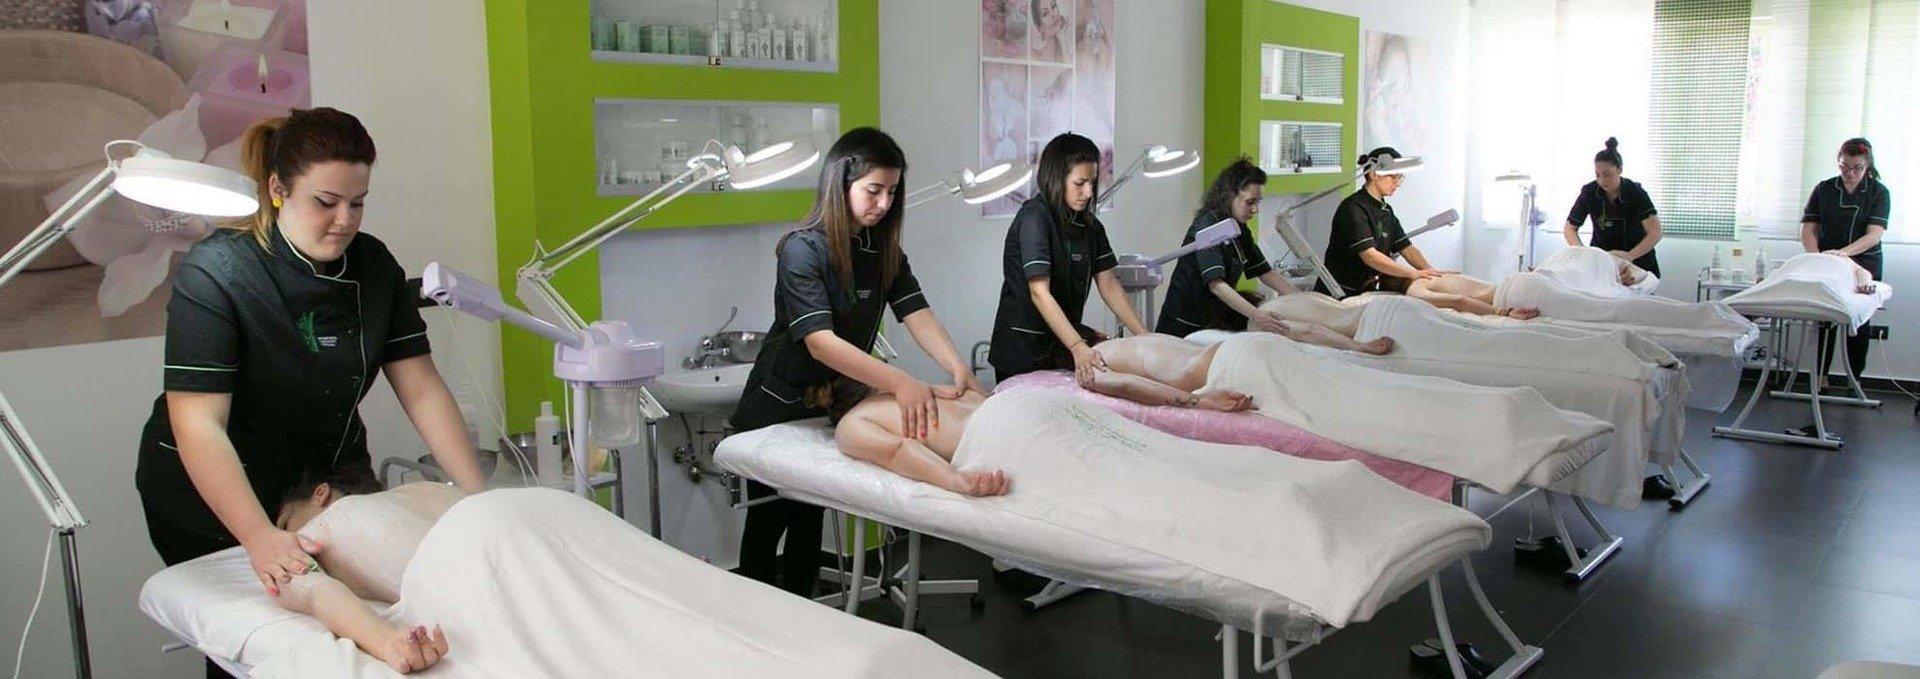 delle ragazze mentre praticano dei massaggi in una scuola estetica